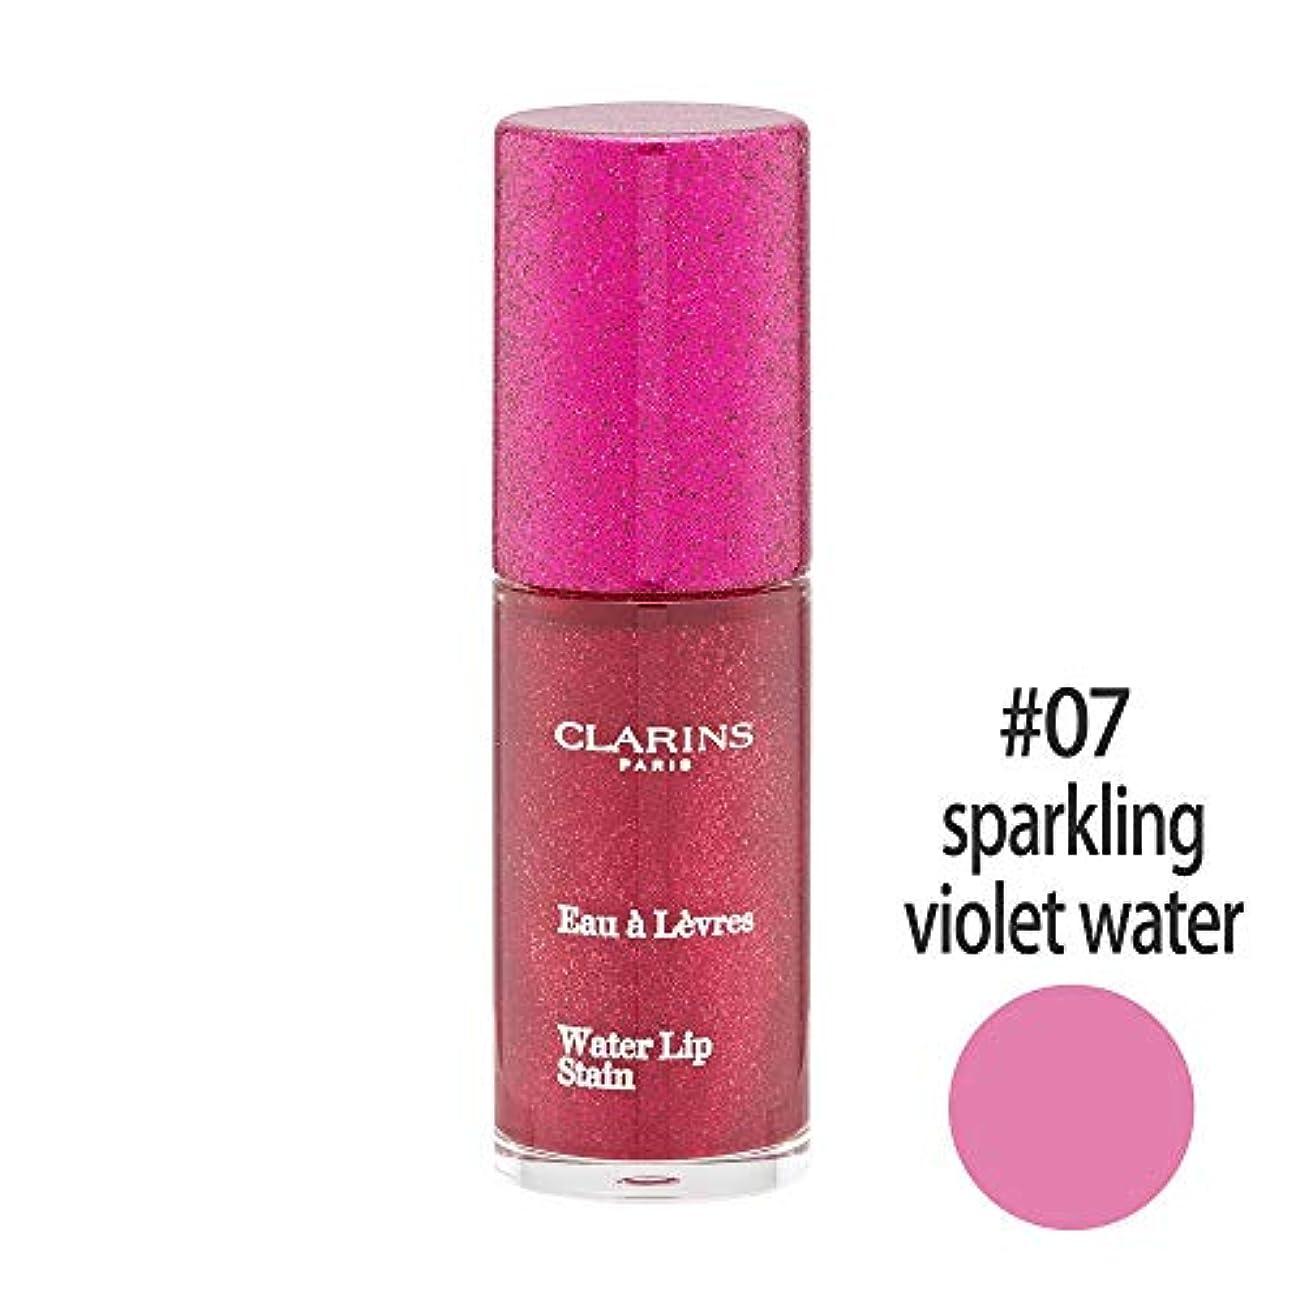 乱用パリティベストクラランス(CLARINS) ウォーターリップ ステイン #07(sparkling violet water) [並行輸入品]